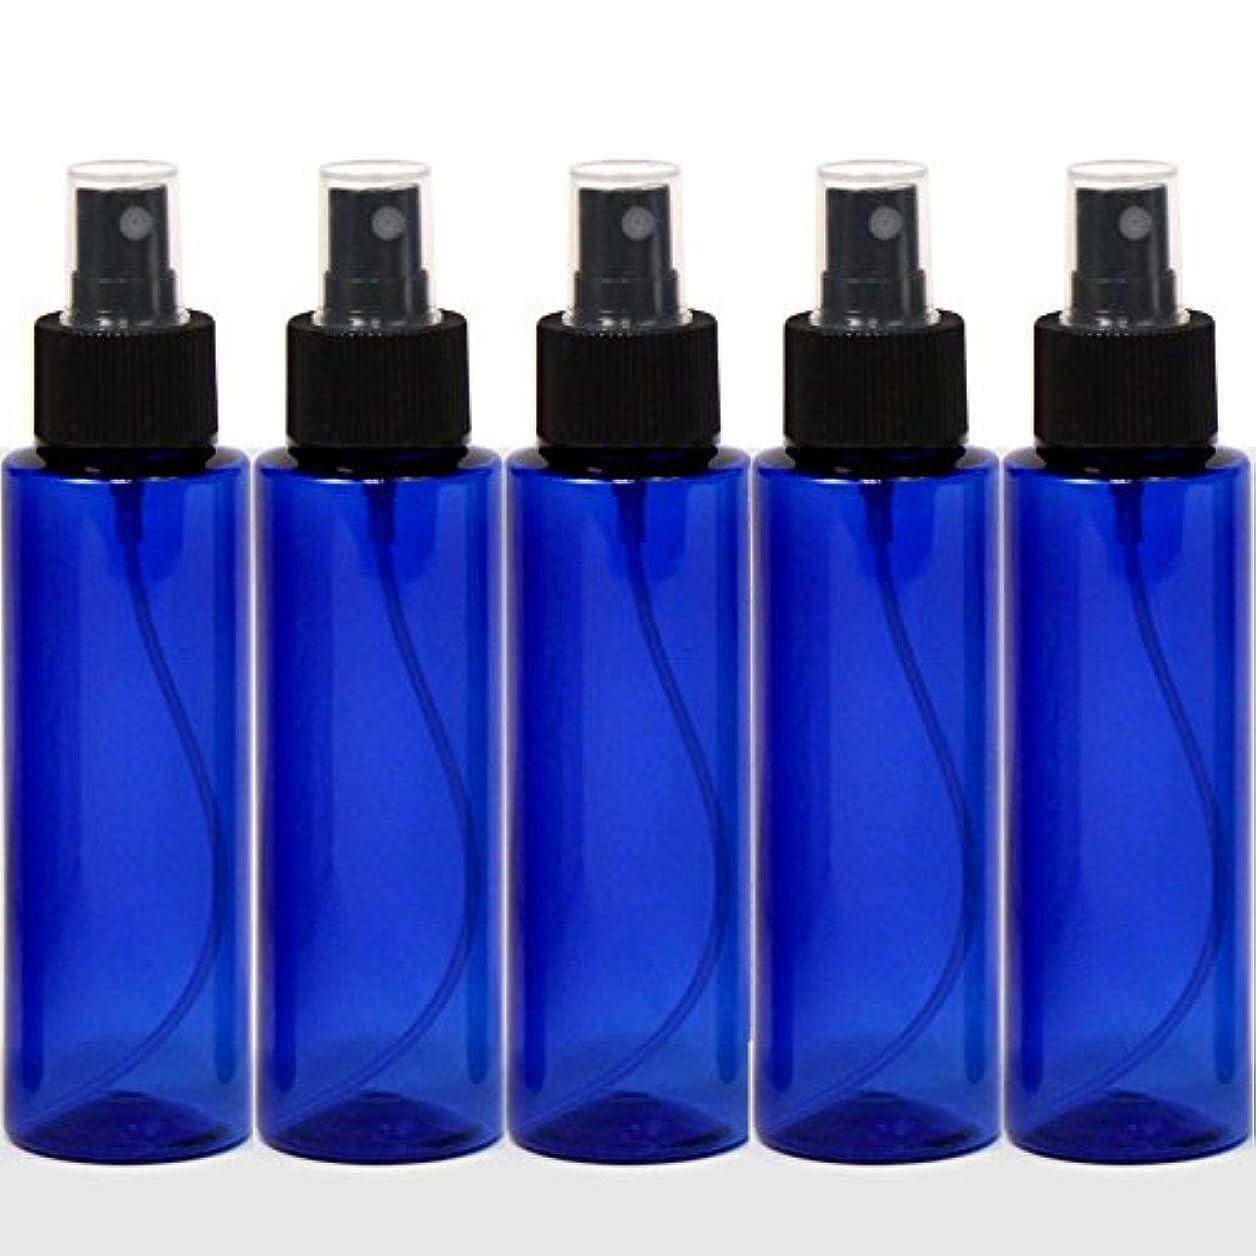 満足させる旅行全部スプレーボトル50mLブルー黒ヘッド5本ストレートペットボトル遮光性青色おしゃれ容器bu50sbk5